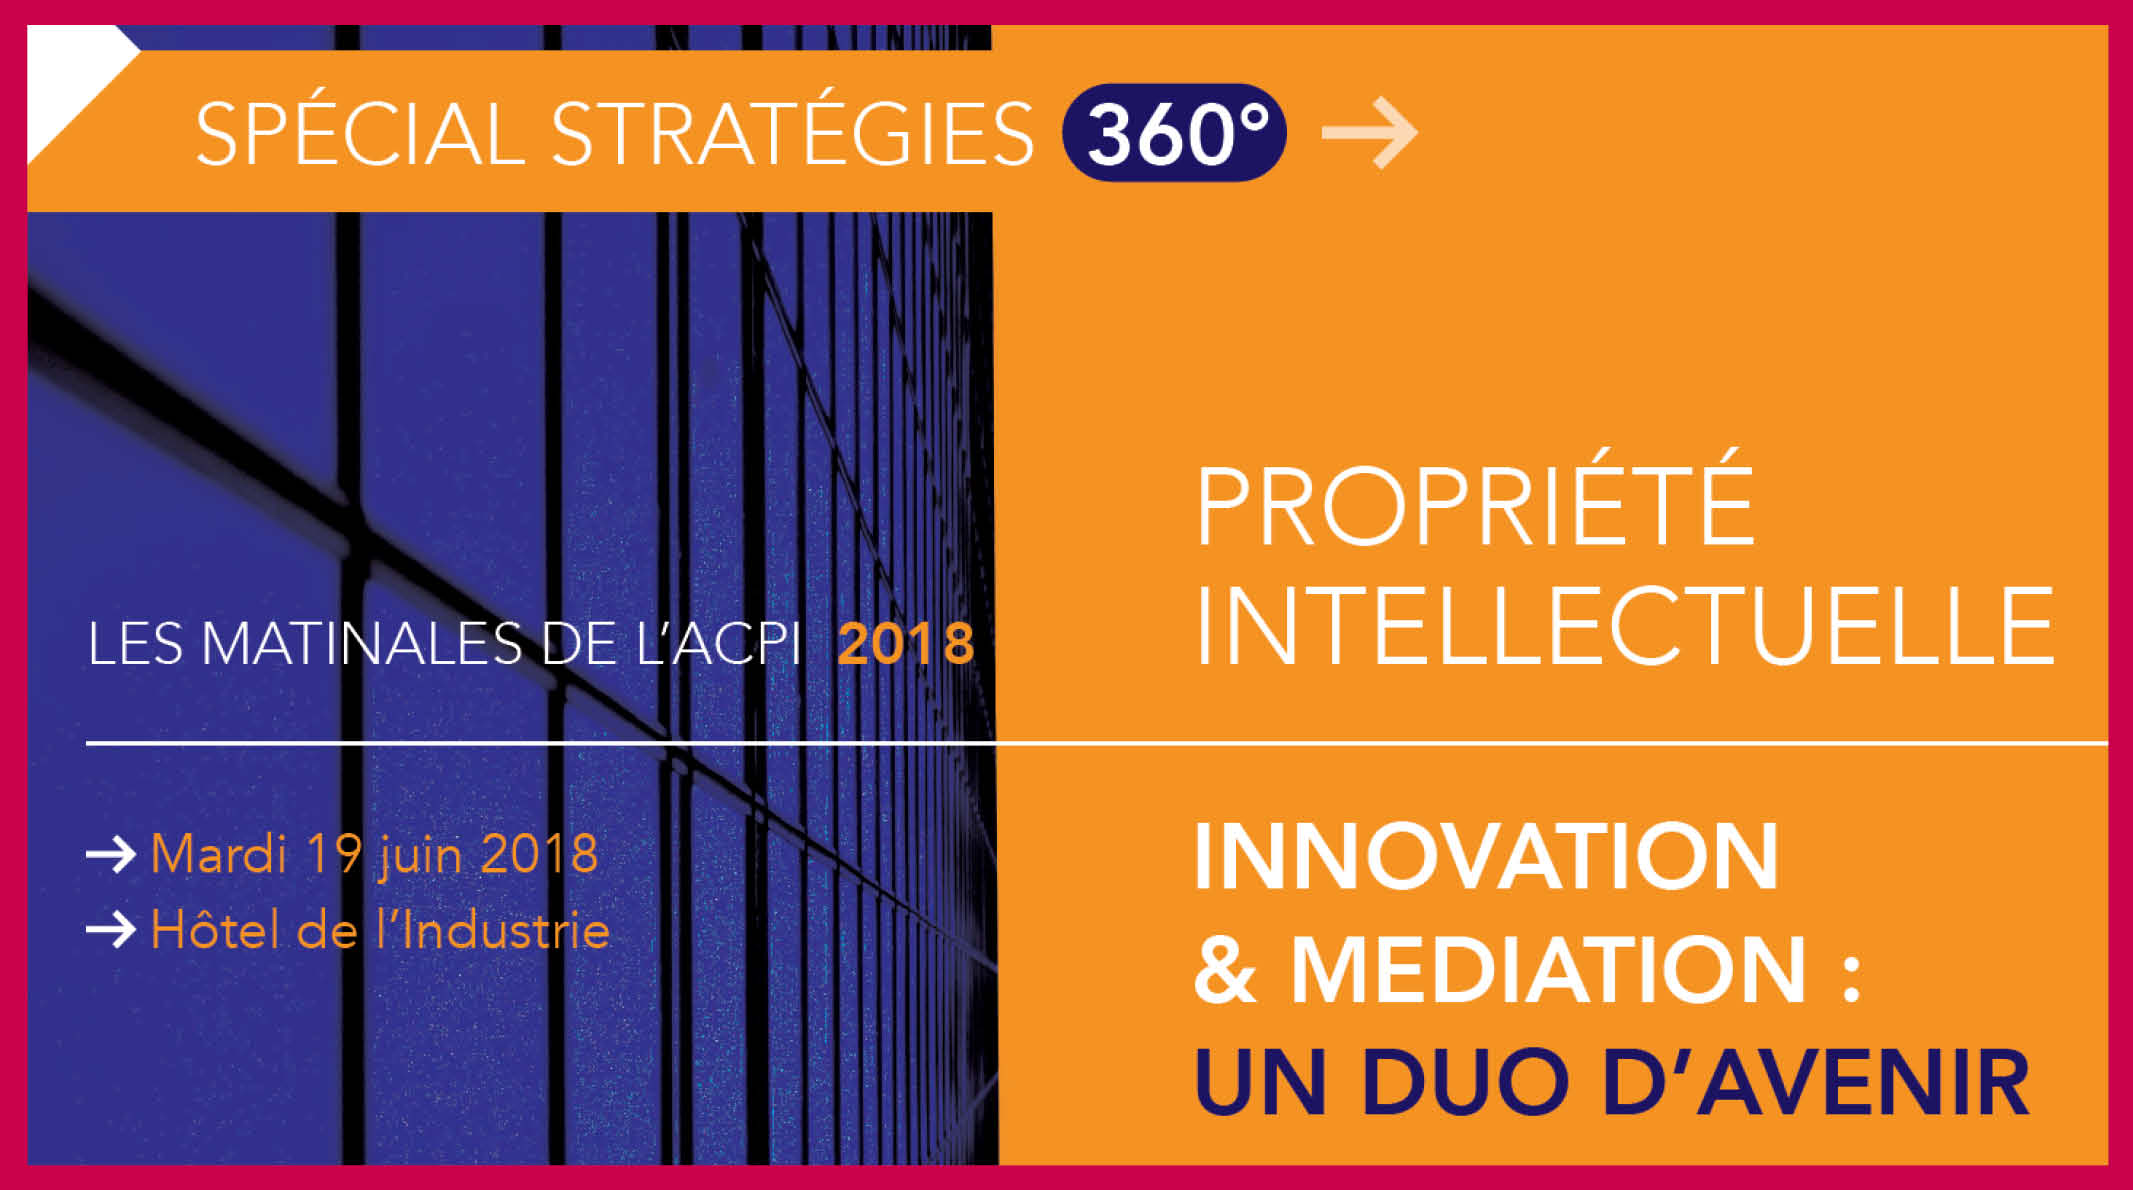 Conférence-débat Innovation & Médiation : un duo d'avenir